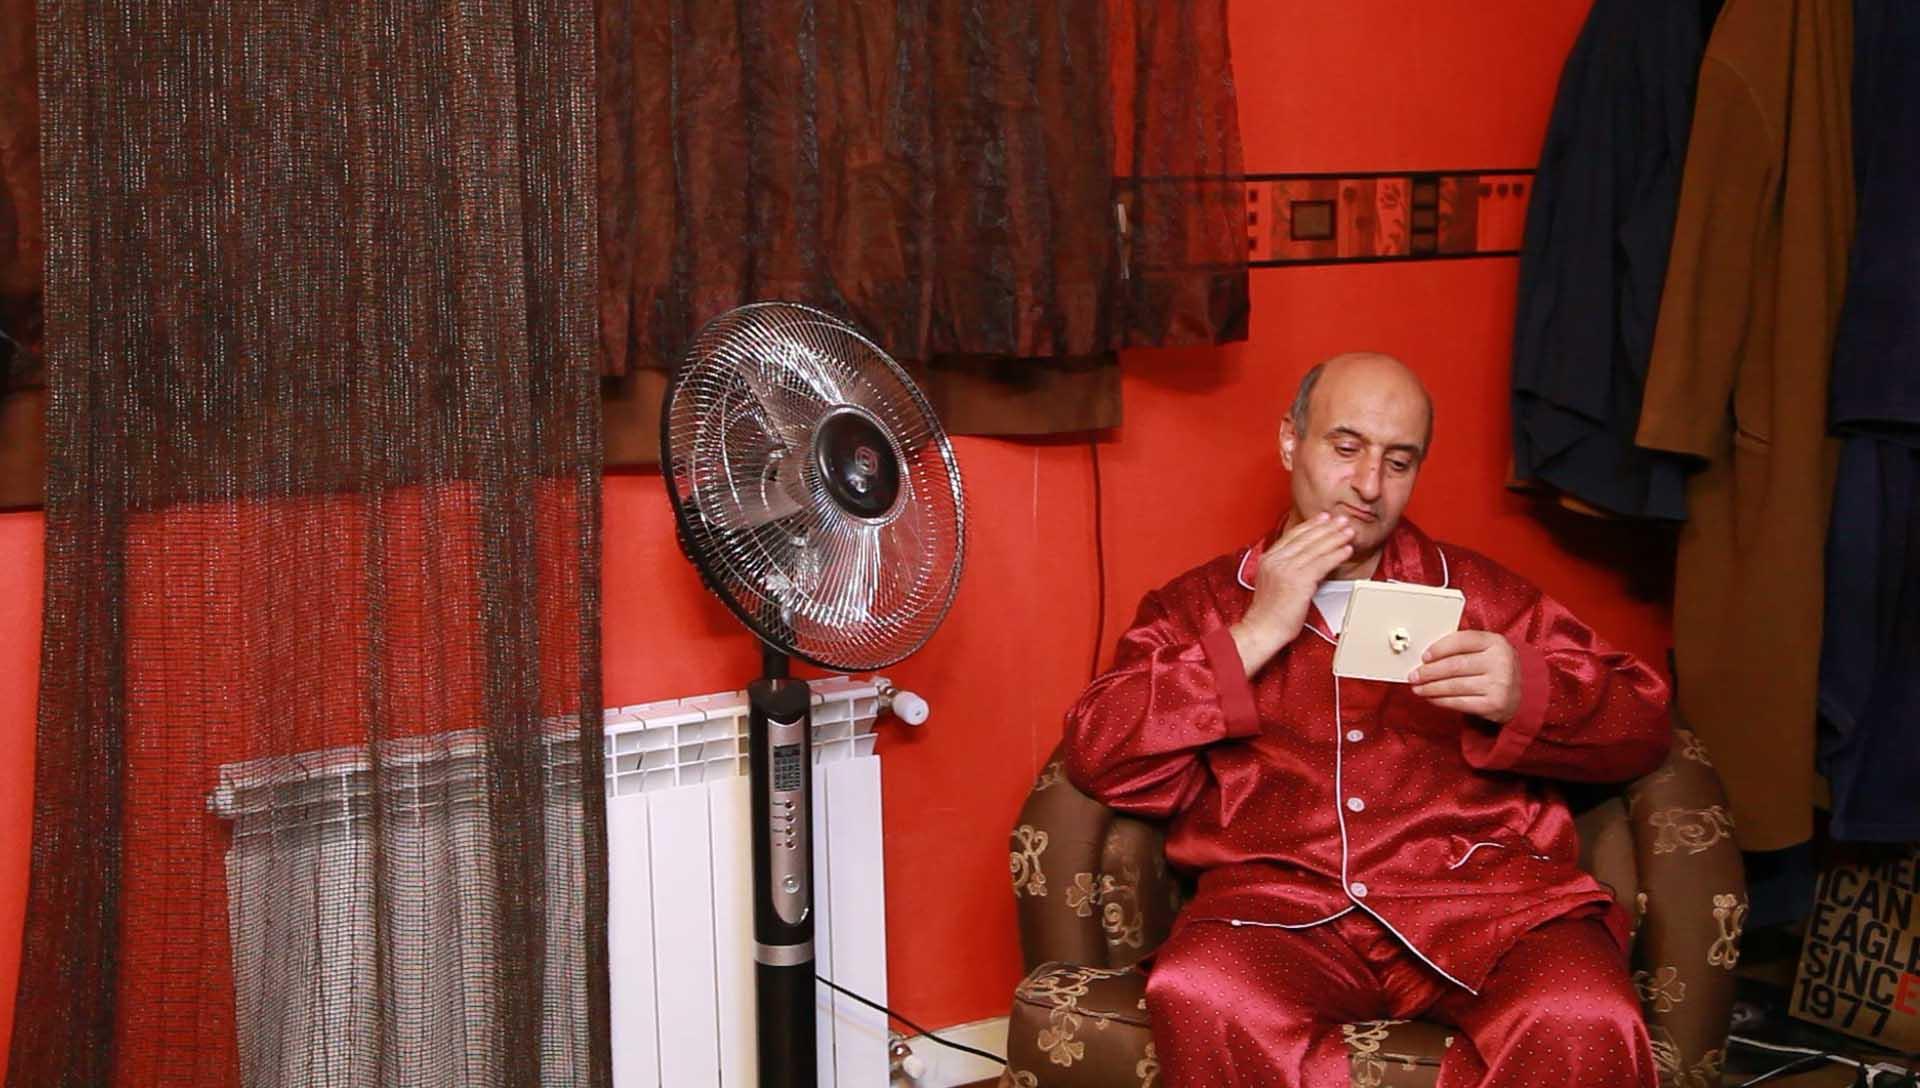 به جا مانده عکس 05- شرکت فیلم سازی زوم شیراز برادران شریفی